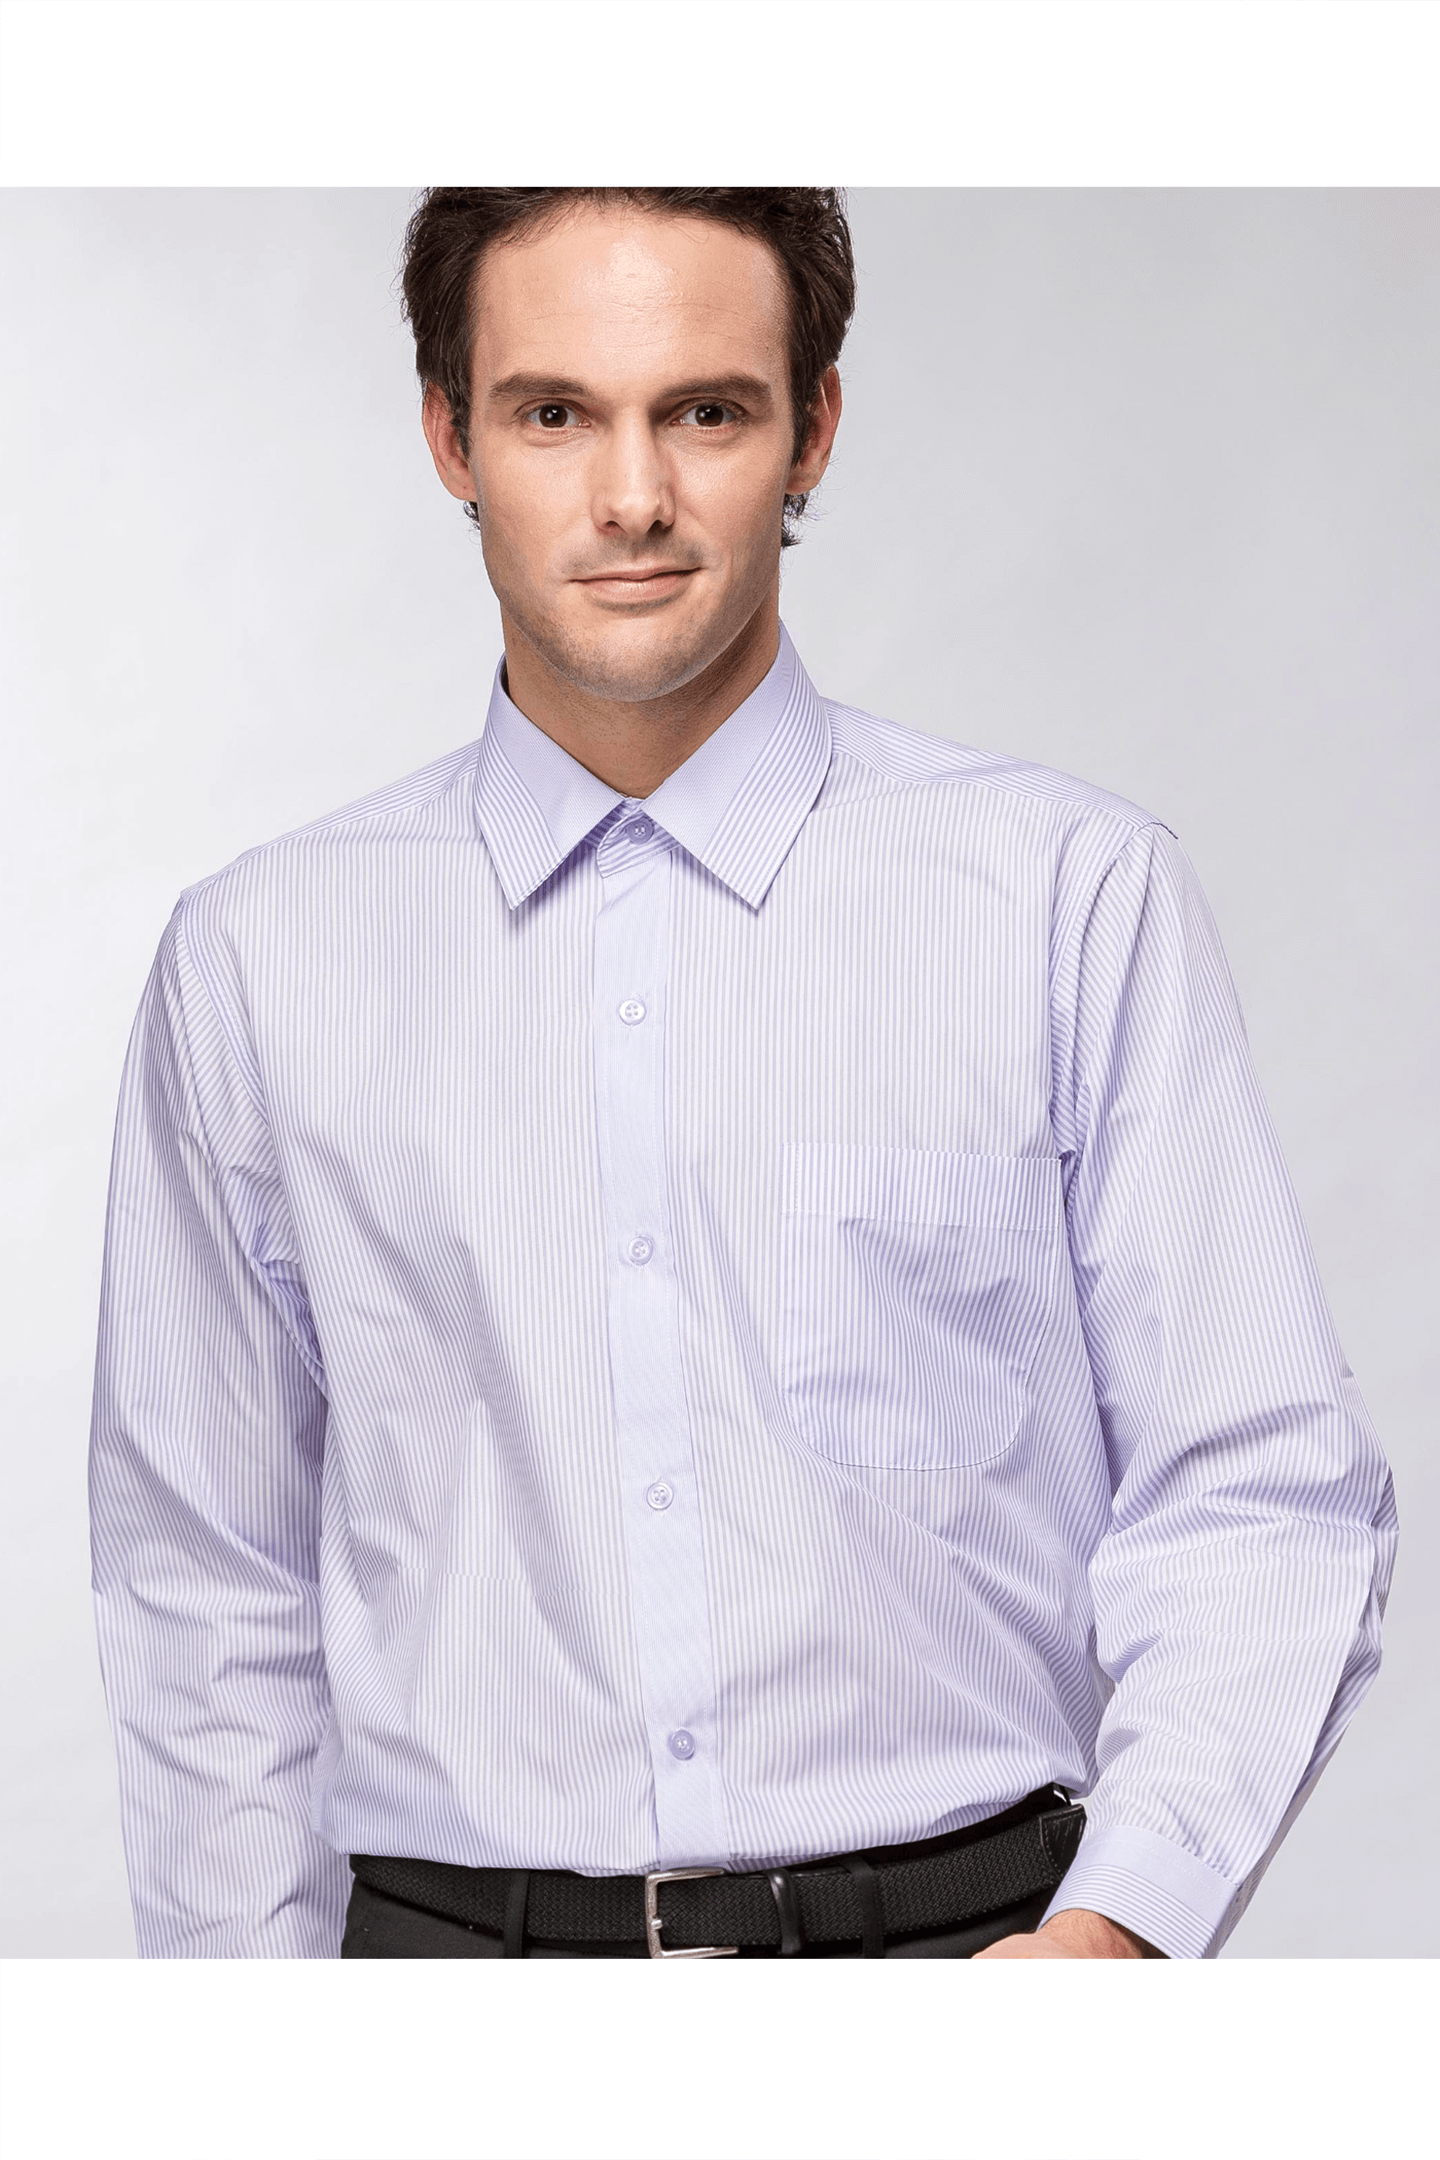 紫條定位長袖襯衫/抗皺 吸濕排汗